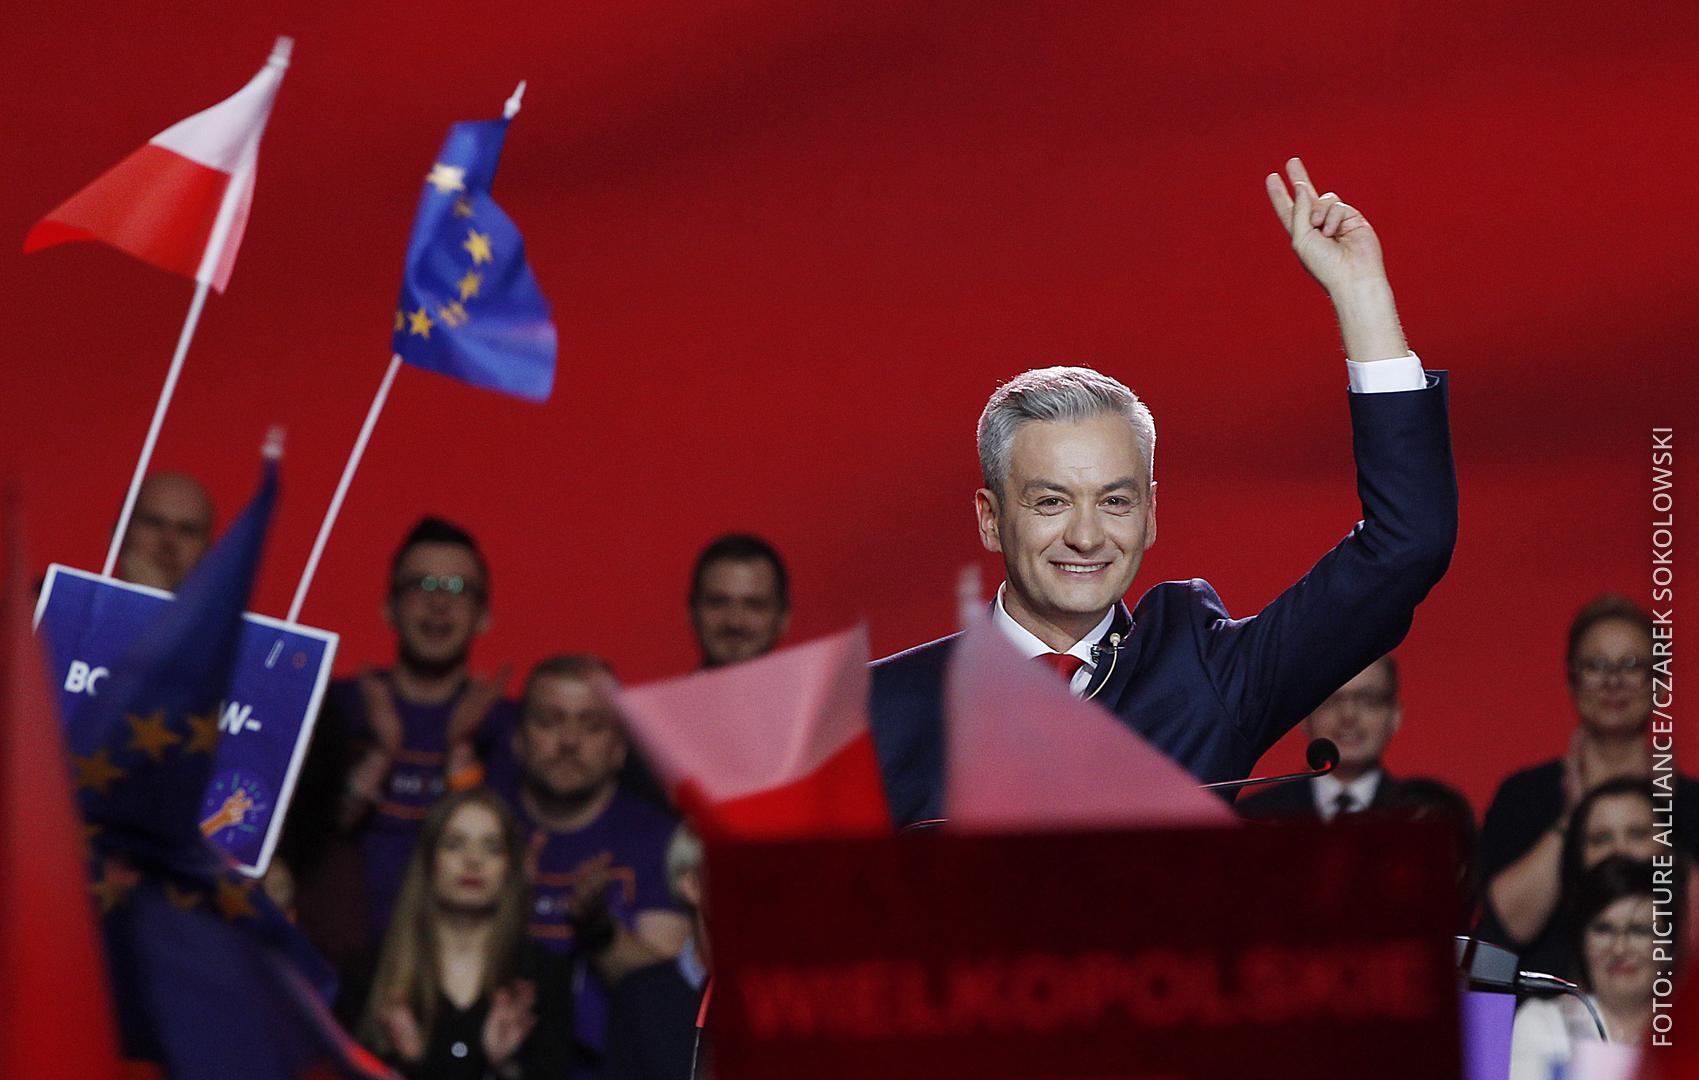 Politiker Robert Biedron steht am Sprecherpult, winkt und freut sich